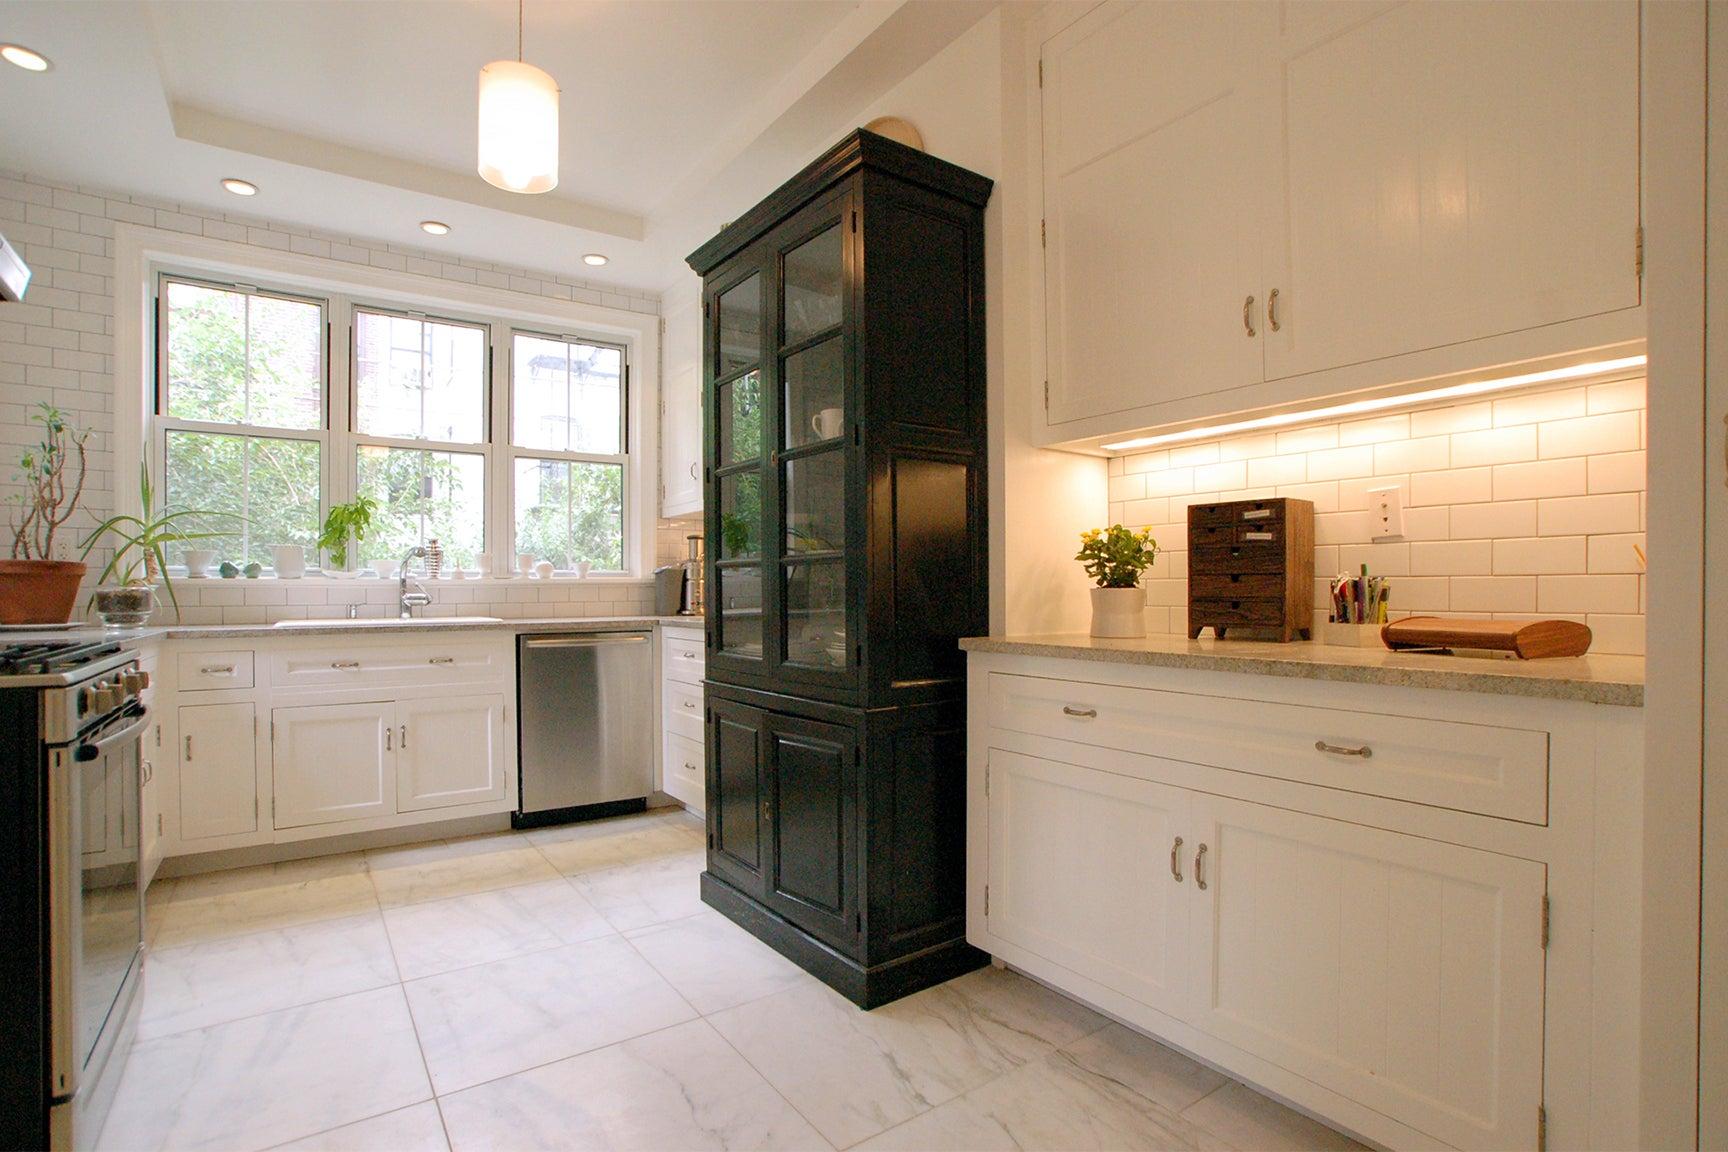 white kitchen with one dark storage cabinet